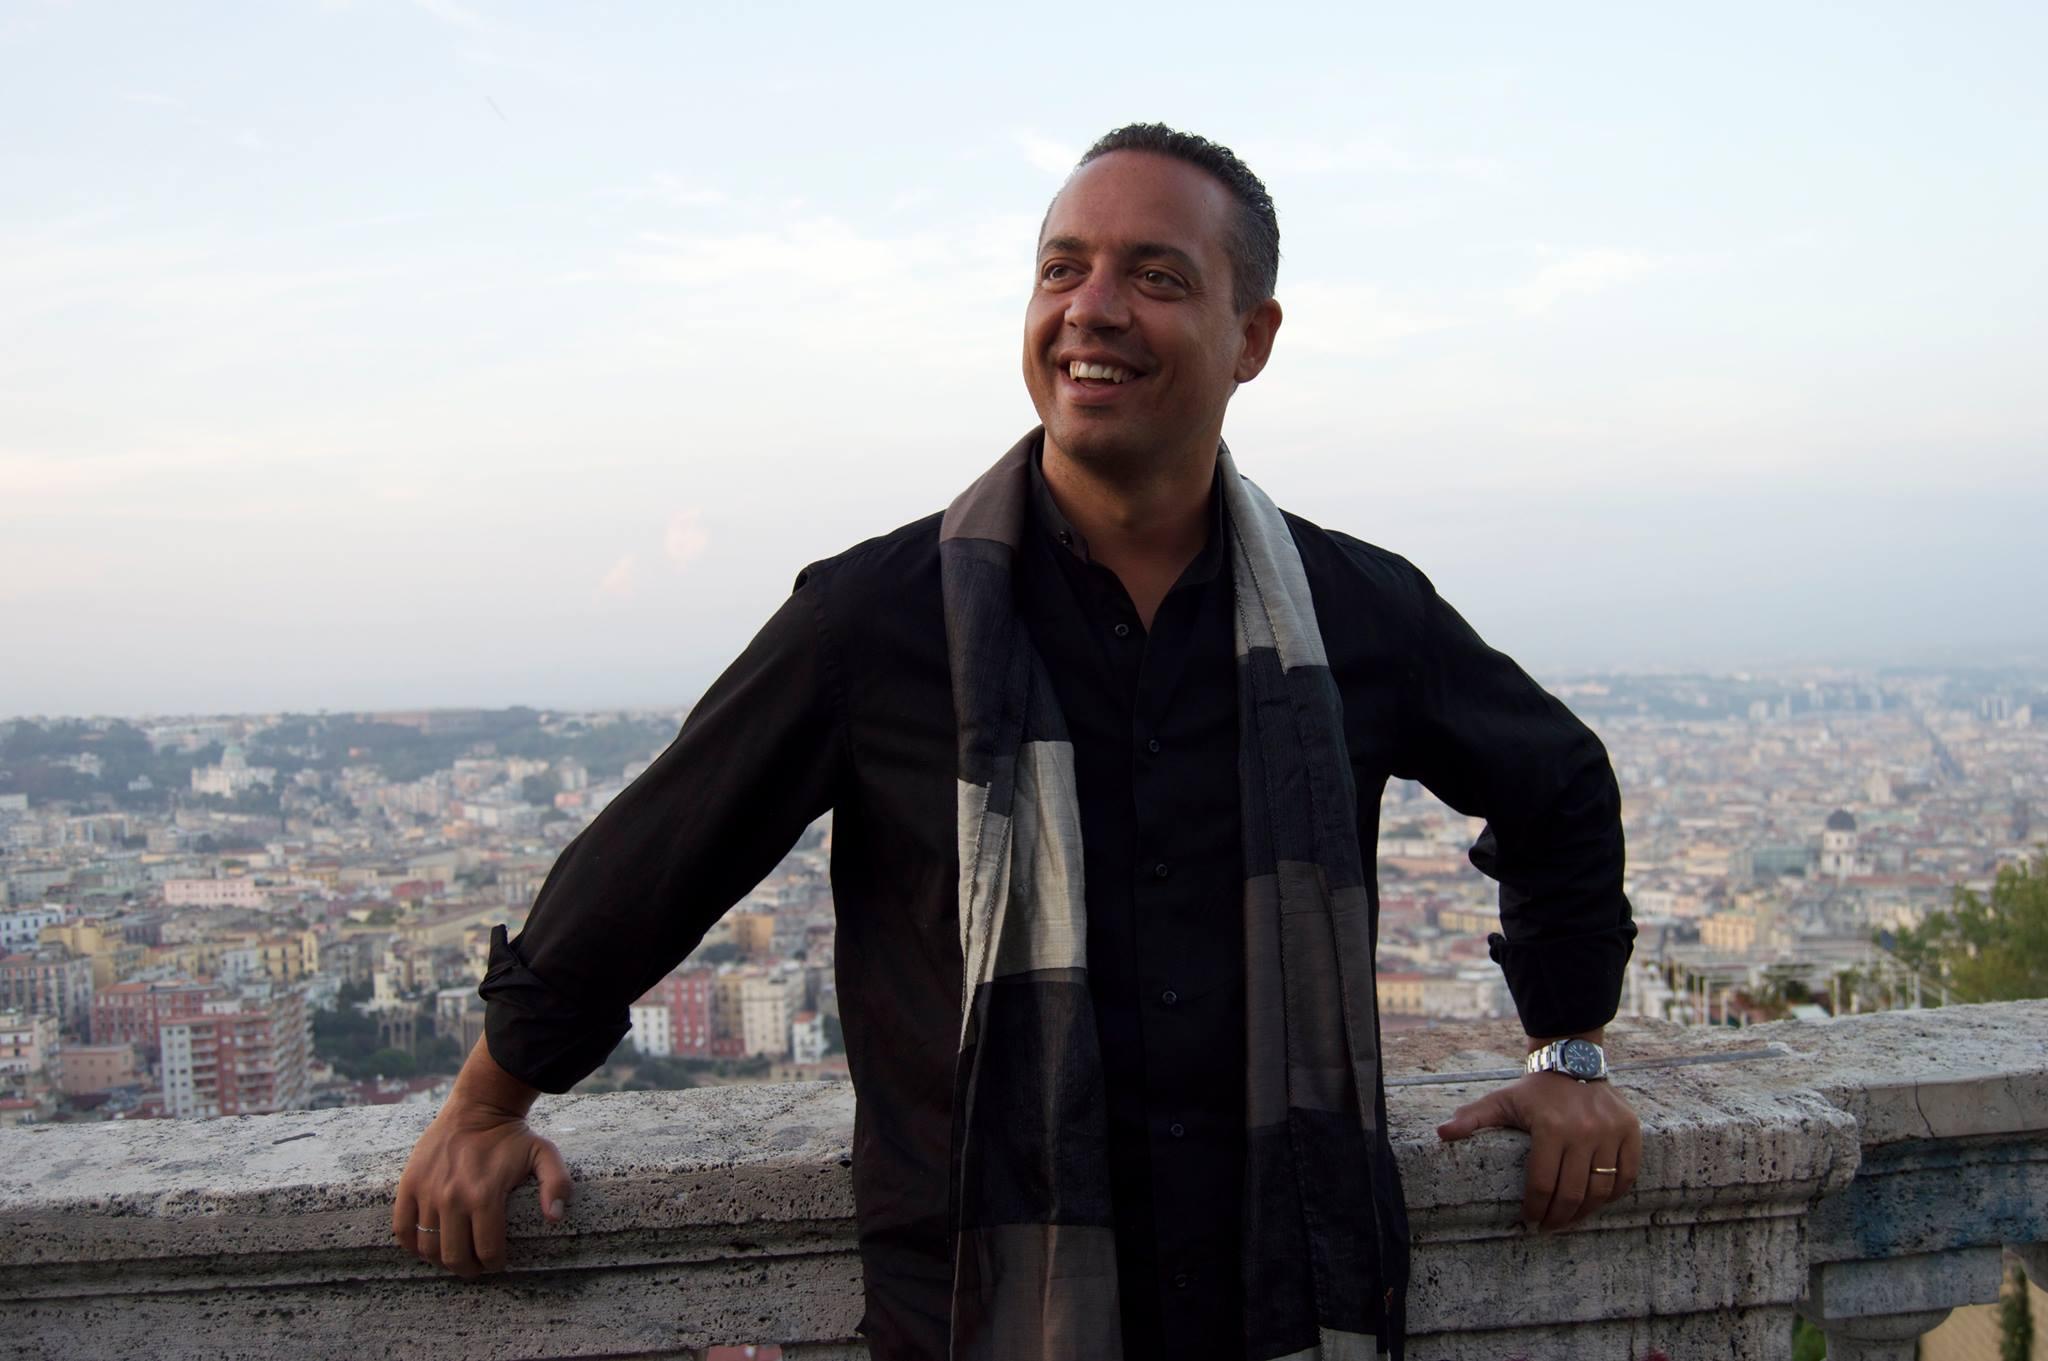 Giovanni Botta